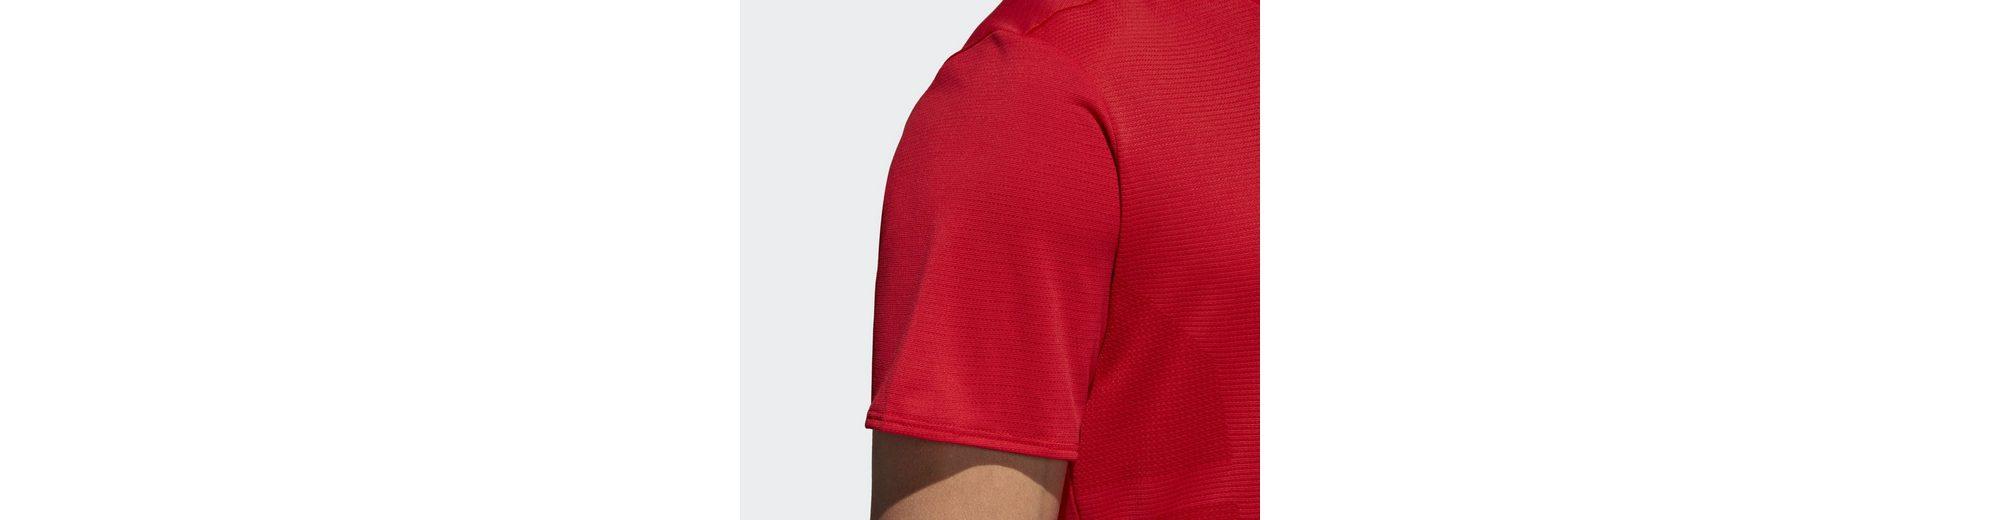 Qualität Aus Deutschland Billig adidas Performance T-Shirt Supernova Wirklich Günstig Online GBVny